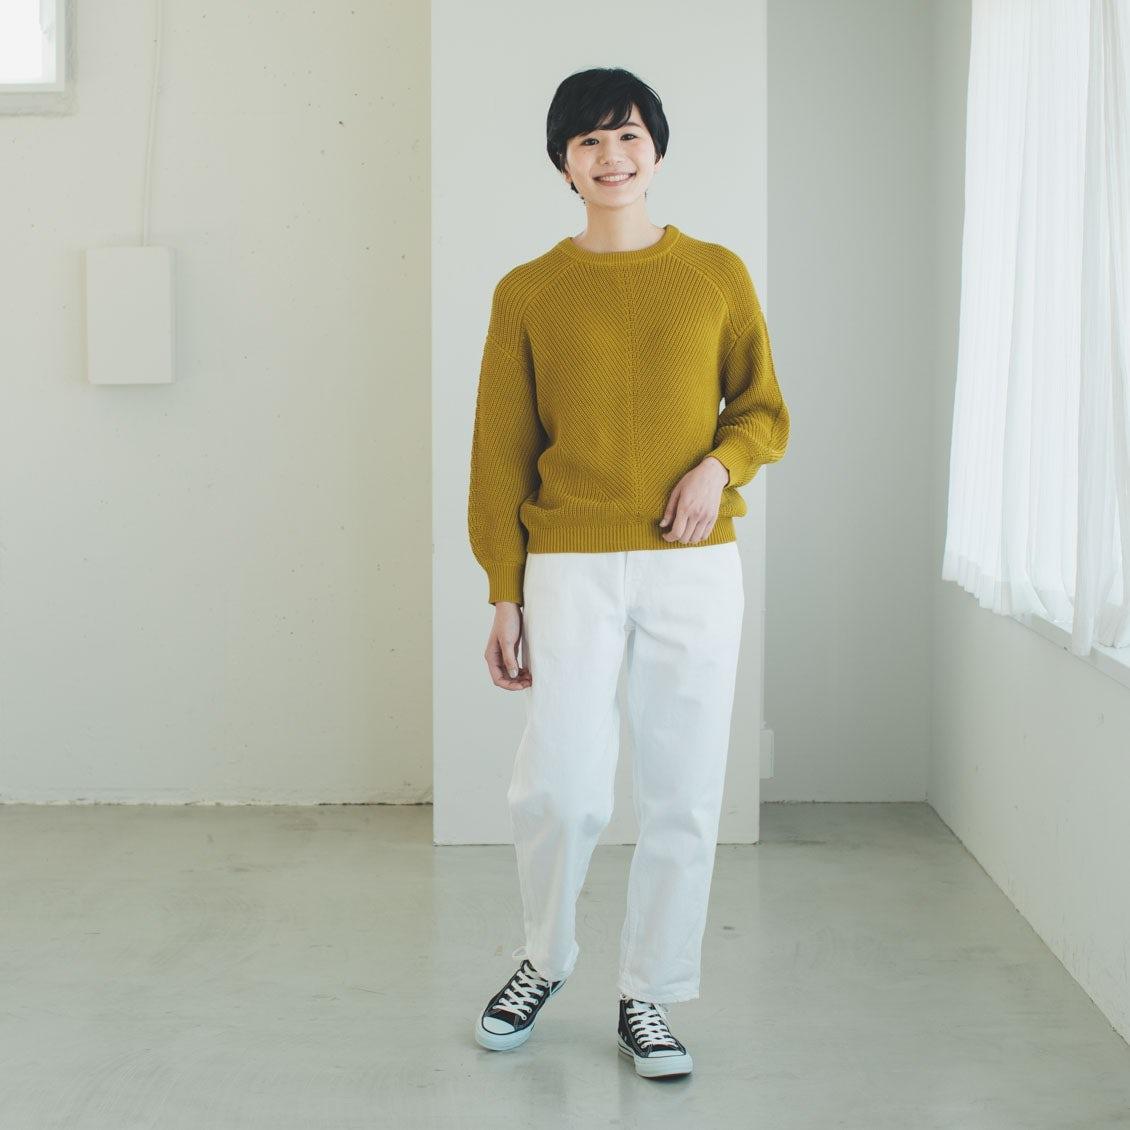 【新商品】いまの時期から春まで大活躍!編み地やシルエットにこだわったコットンニットが登場です。